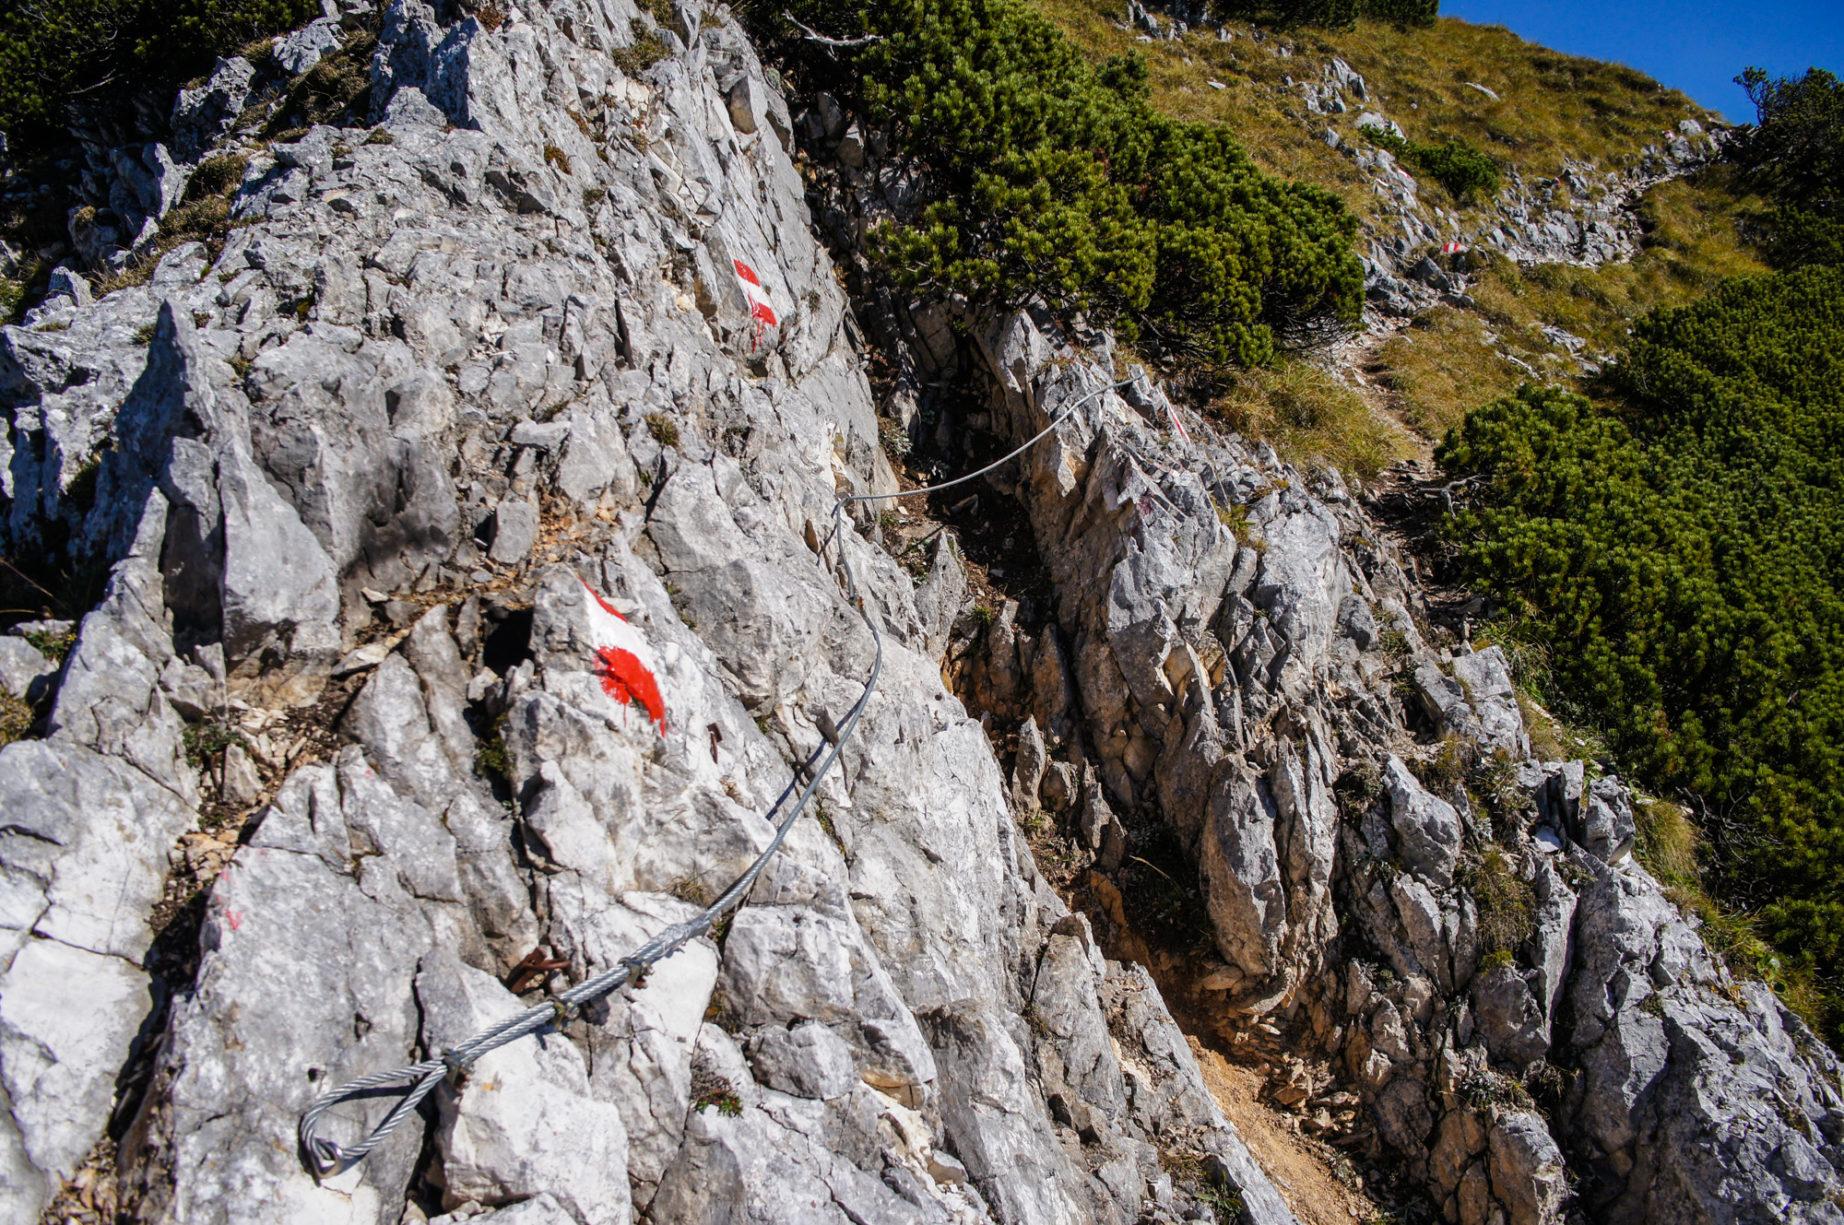 Kurze mit Stahlseilen gesicherte Kletterstellen